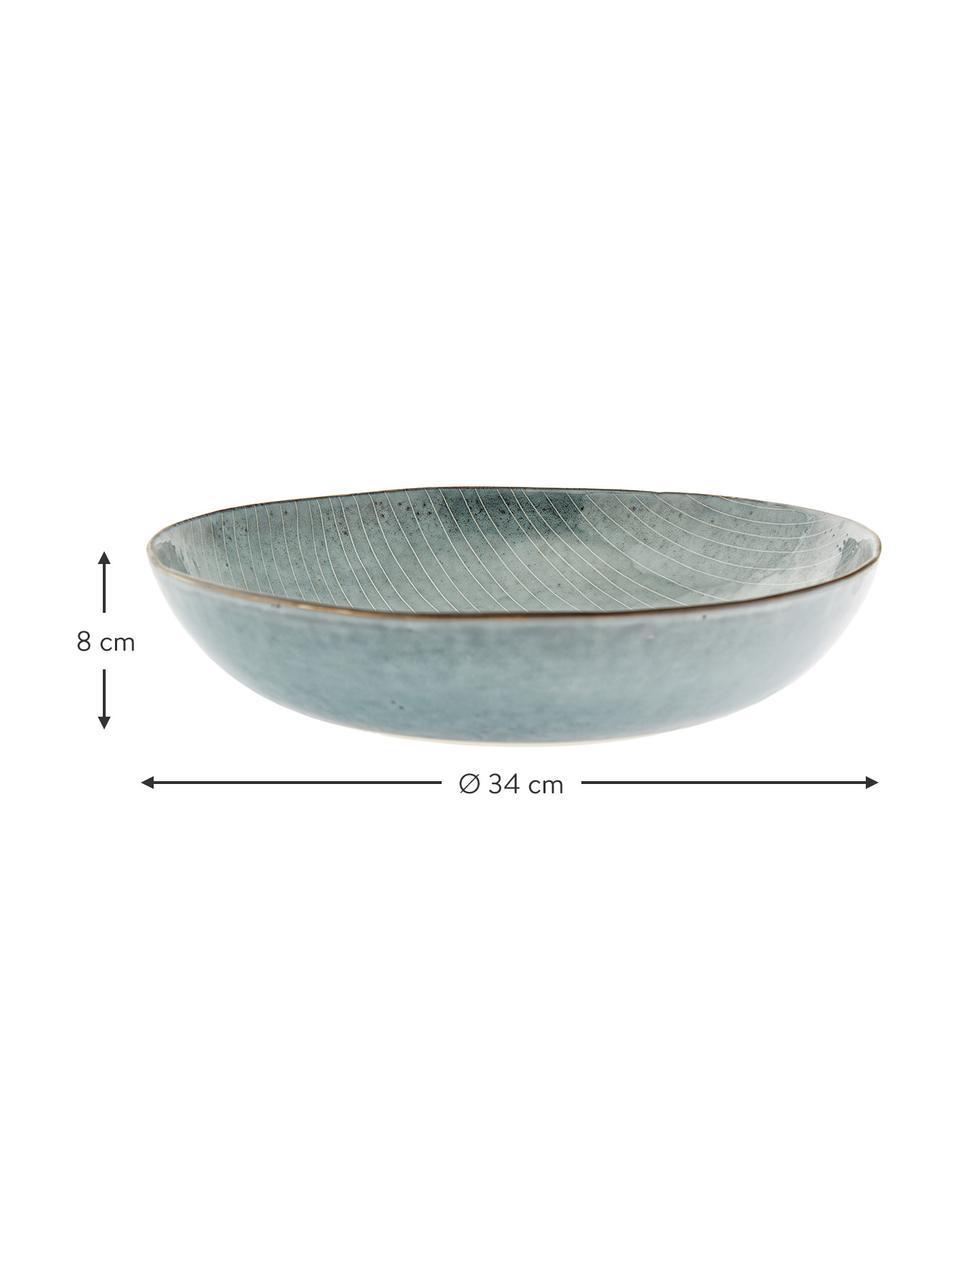 Handgemaakte serveerschotel Nordic Sea, Keramiek, Grijs- en blauwtinten, Ø 34 x H 8 cm